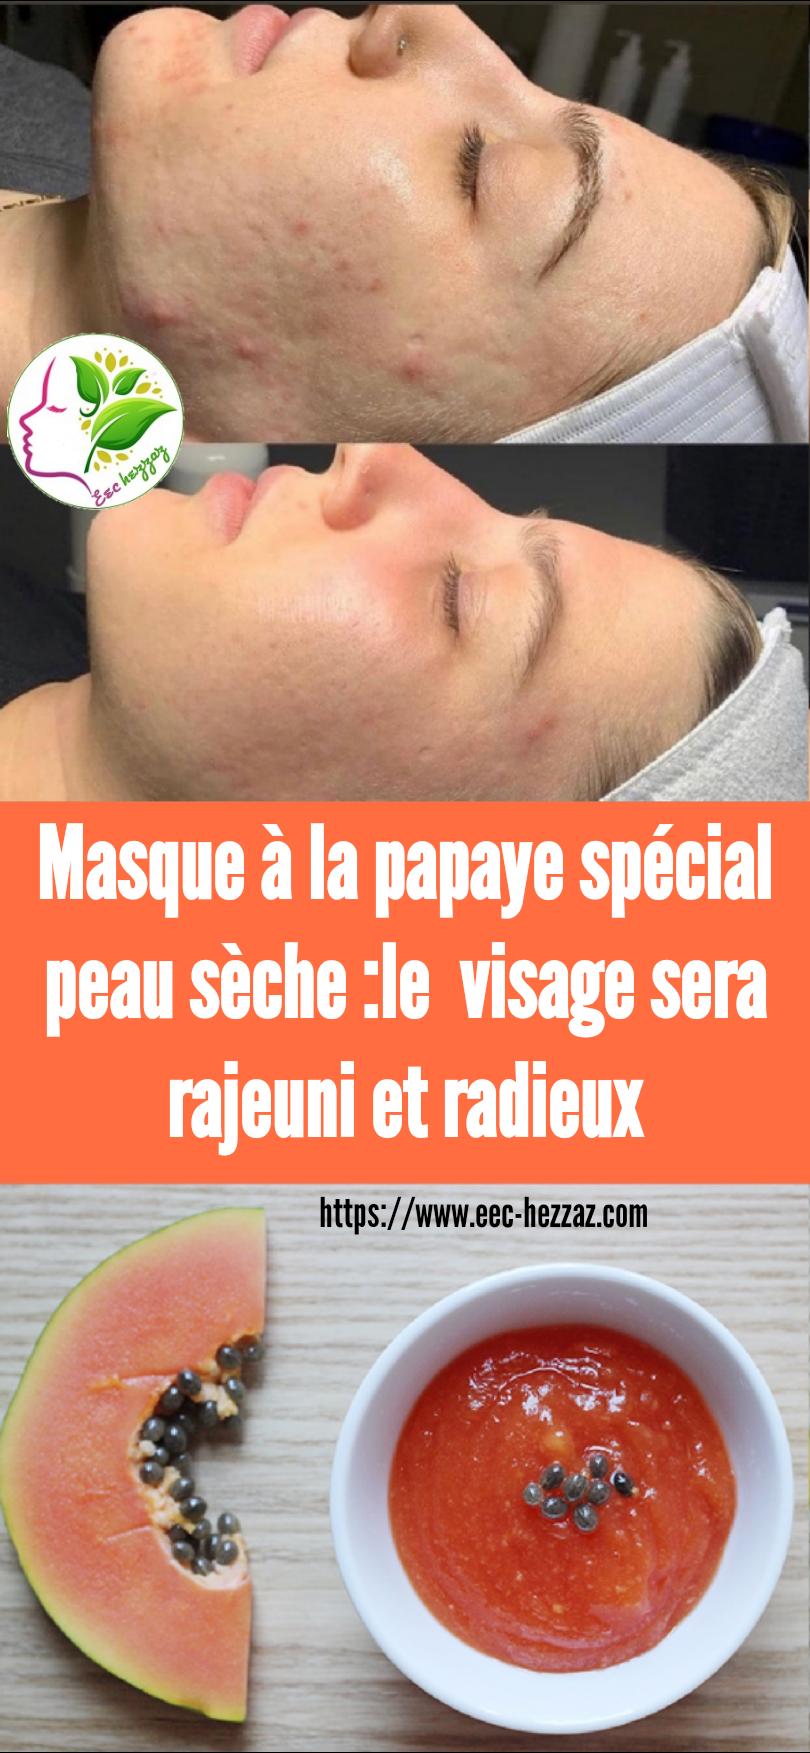 Masque à la papaye spécial peau sèche :le  visage sera rajeuni et radieux